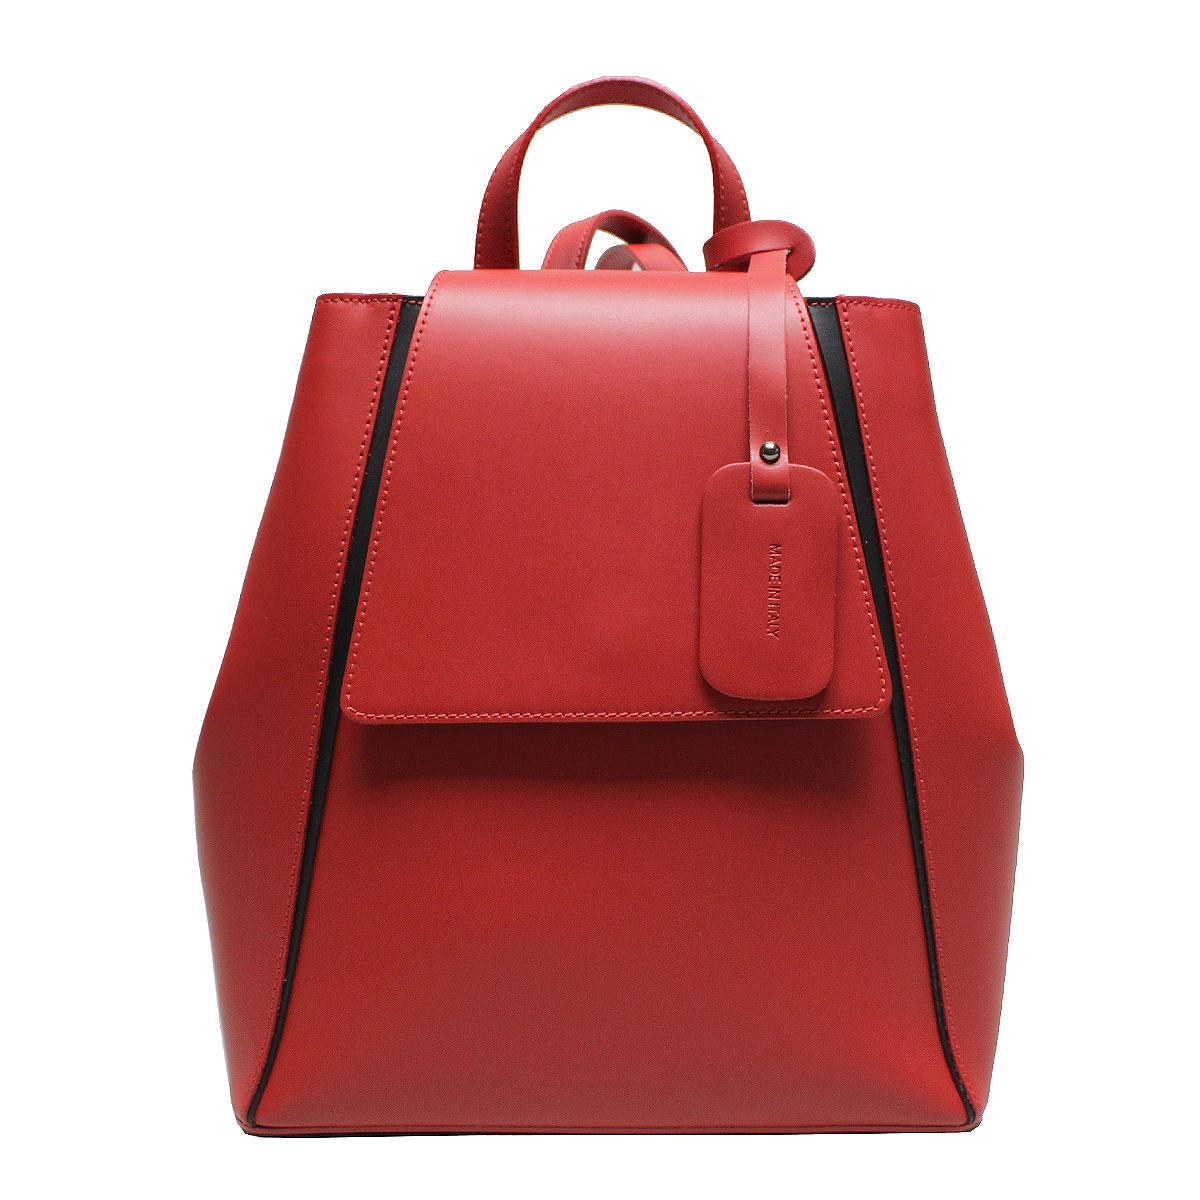 Рюкзак женский Edmins, цвет: красный. 5017 ED Winter red018-101701Стильный женский рюкзак Edmins выполнен из натуральной кожи. Рюкзак закрывается на магнитную застежку и клапан. Внутри - одно отделение, в котором карман на застежке-молнии и два открытых кармана.Рюкзак имеет жесткую форму. Декорирован узкими вставками черной кожи, что подчеркивает геометрию рюкзака. По бокам на высоте клапана - кнопки. Обращаем внимание, что необходимо произвести усилие для застегивания кнопок. Это функционально продуманно, чтобы исключить легкое растягивание кнопок под нагрузкой содержимого рюкзака. На дне рюкзака металлические ножки, предохраняющие дно от потертостей и загрязнений.Высота ручки рюкзака: 9 см.Длина лямок регулируется - от 70 см до 87 см.